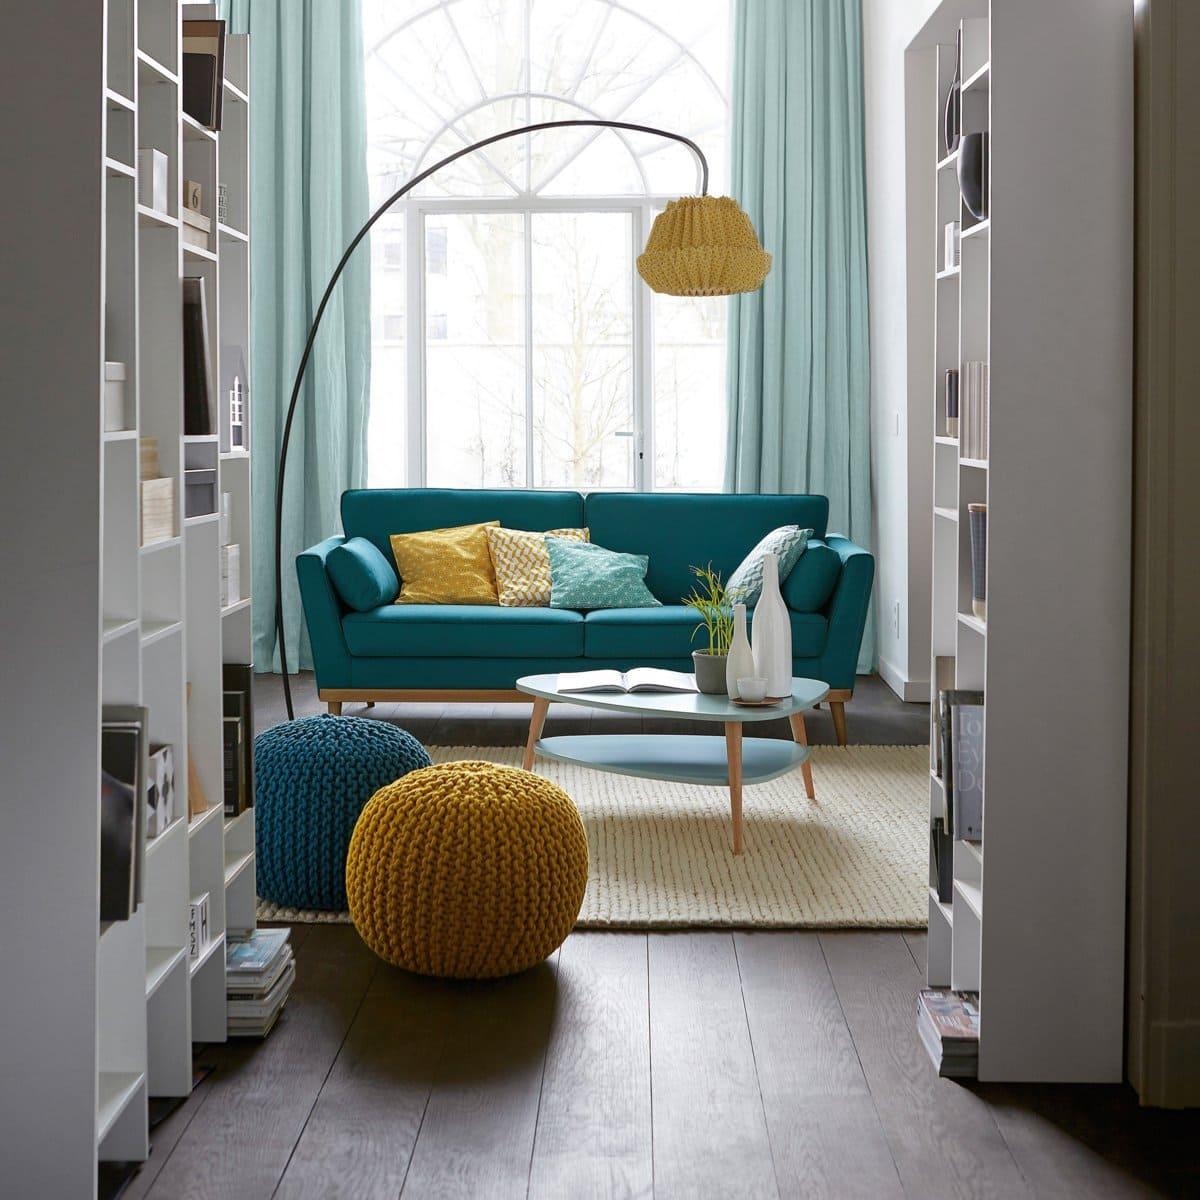 photo deco salon avec canapé vert et jaune